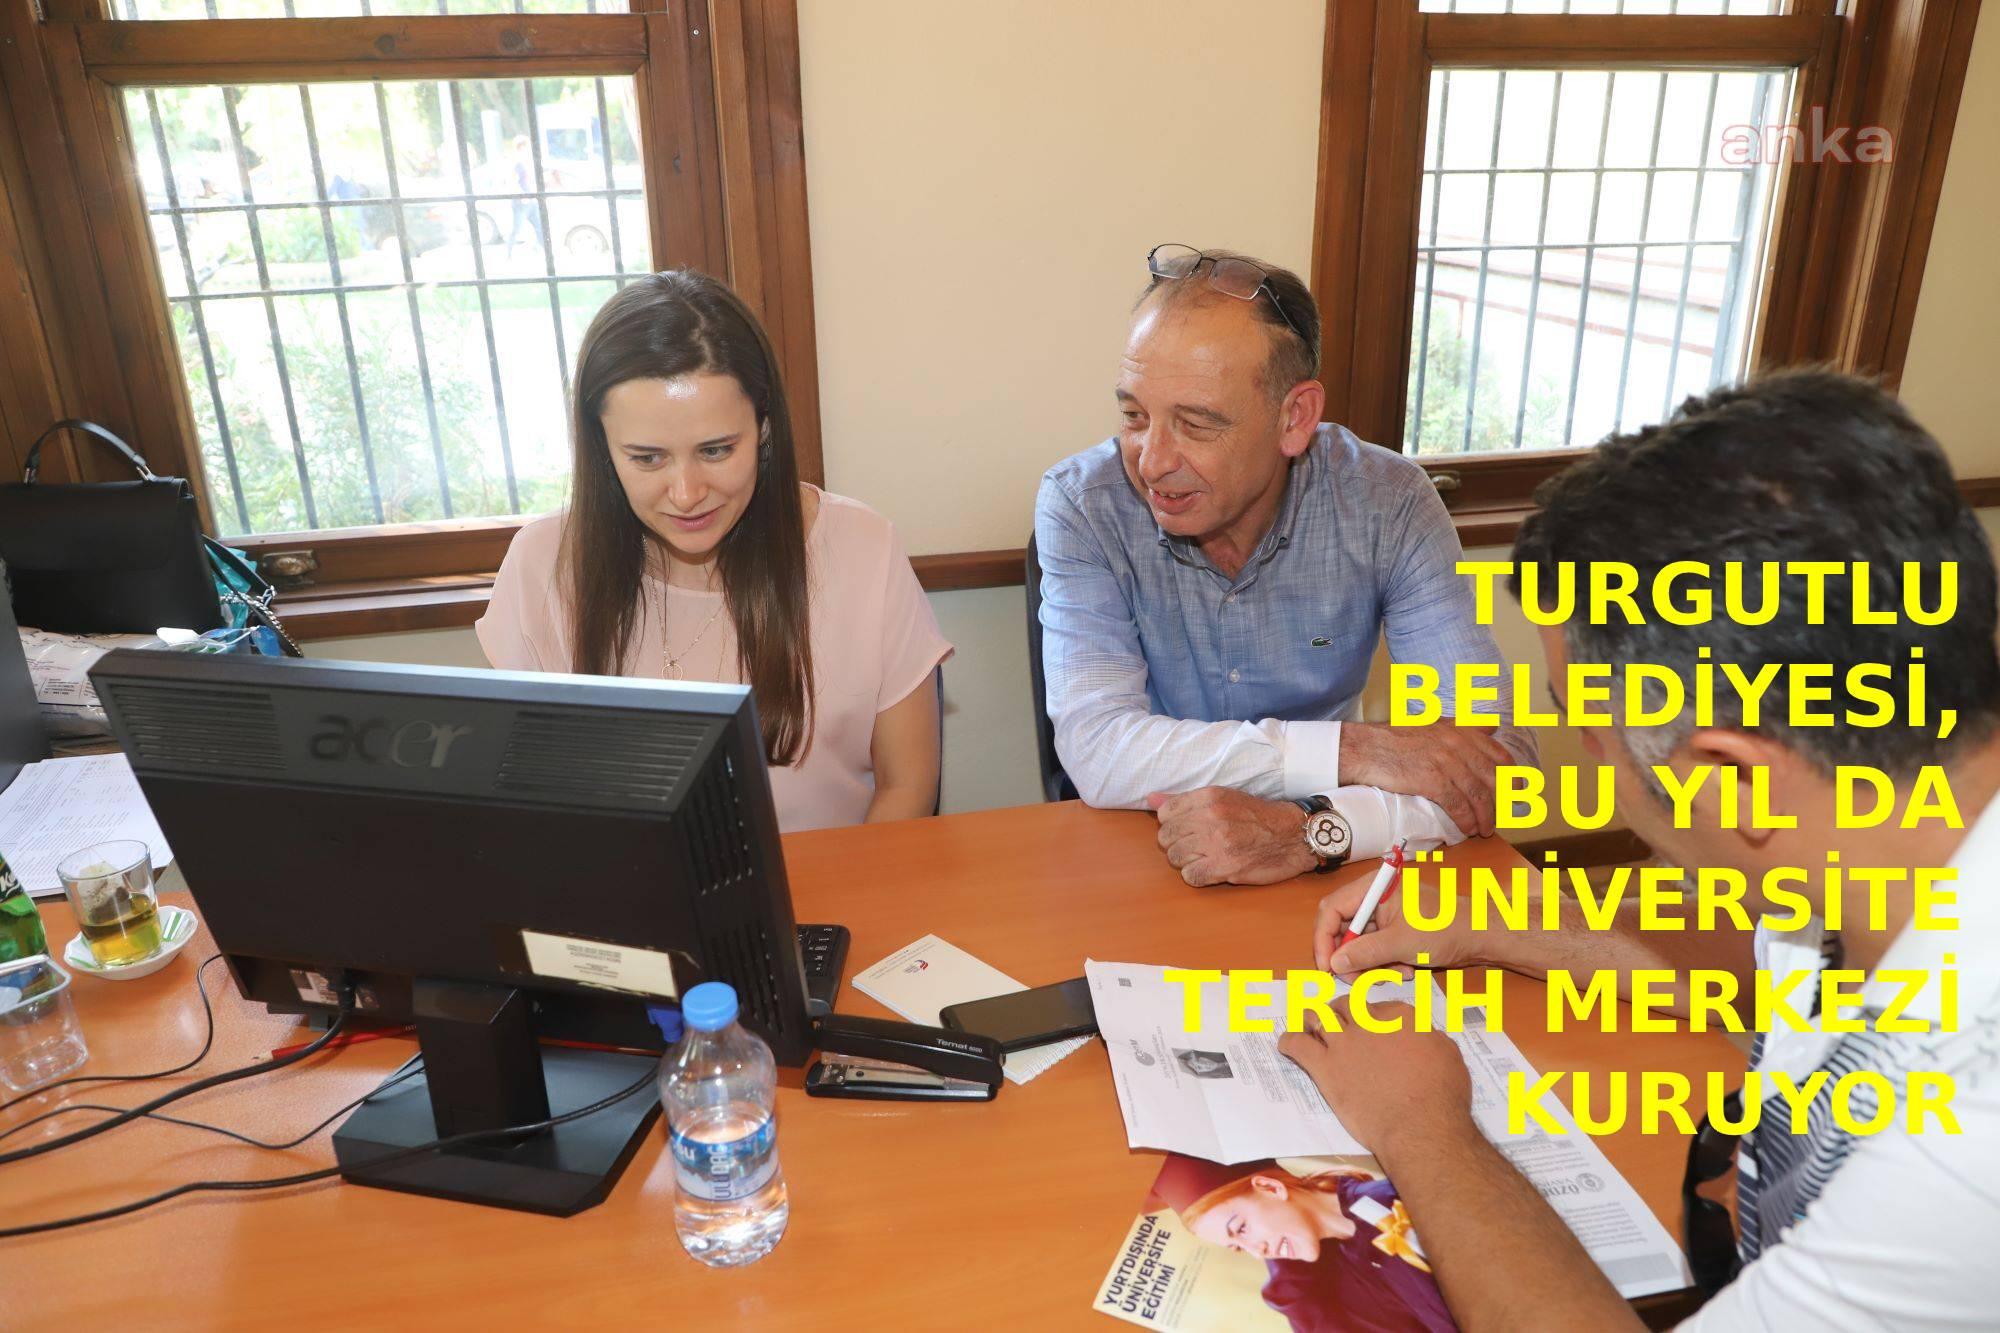 Turgutlu Belediyesi, bu yıl da üniversite tercih merkezi kuruyor